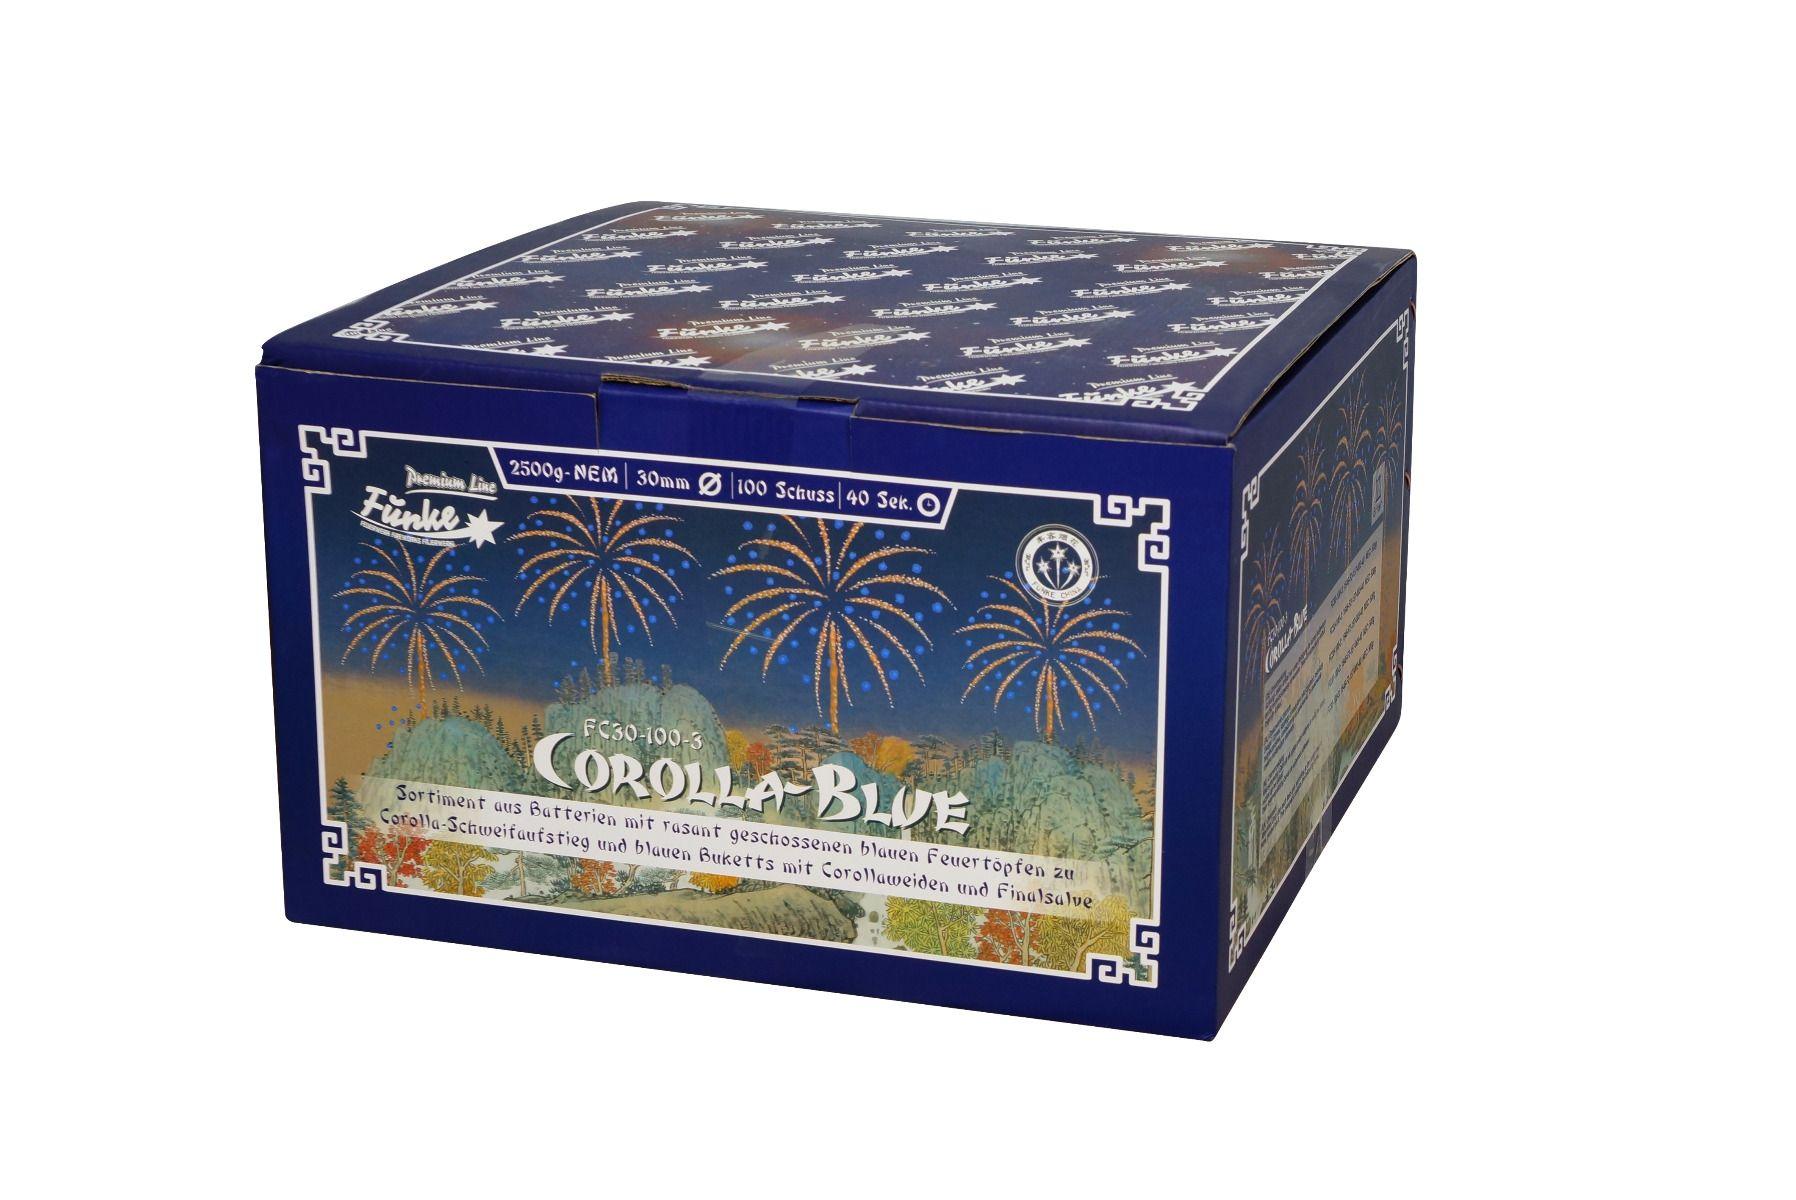 Funke Corolla Blue 100 Schots